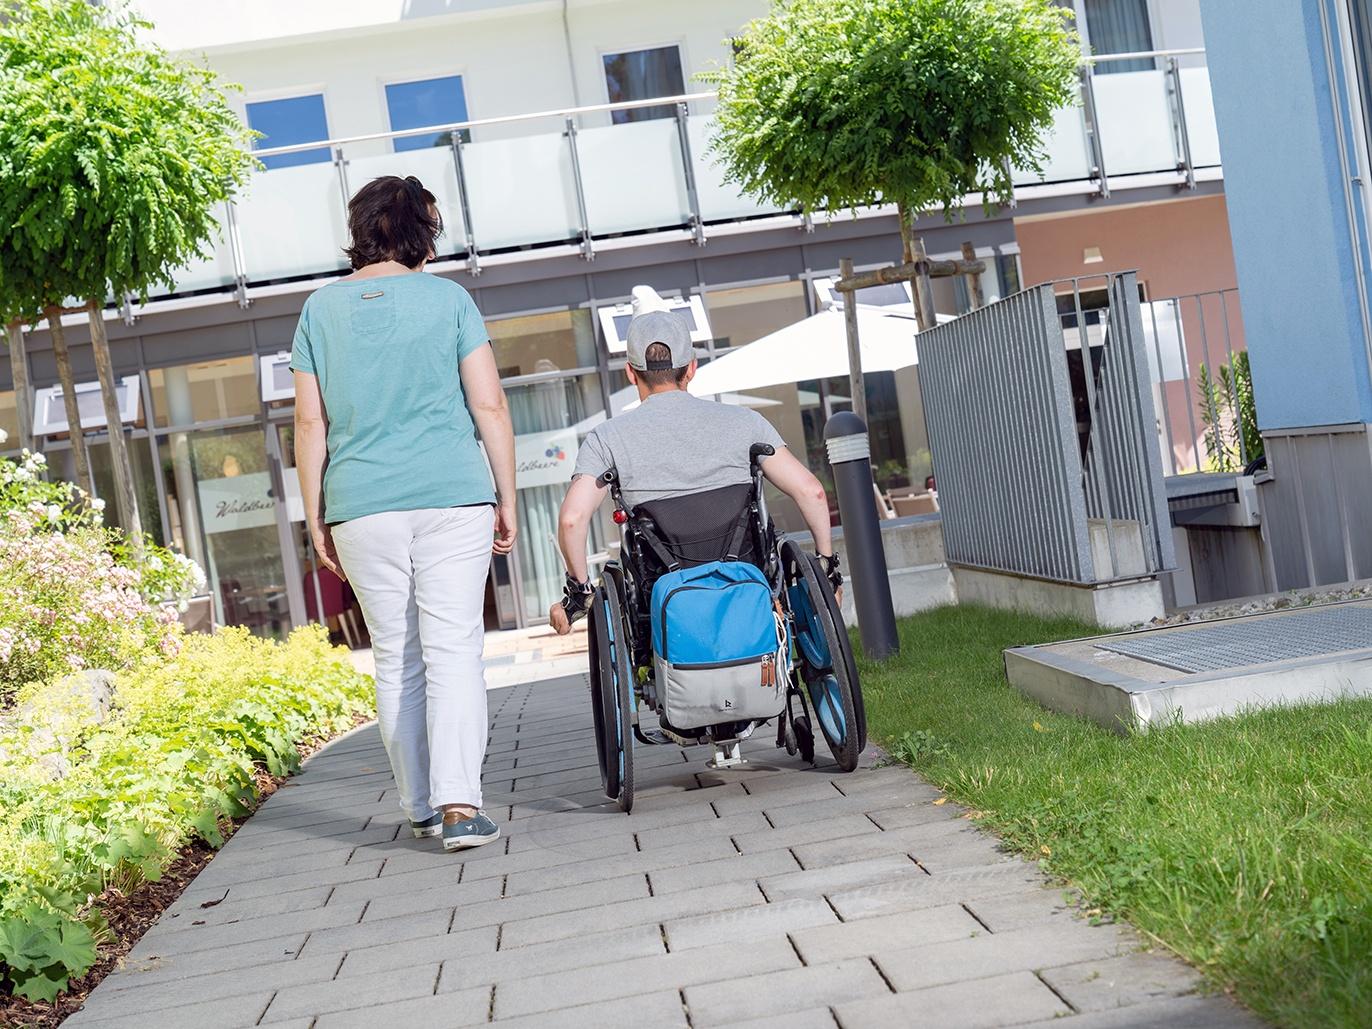 Körperbehinderte Allgäu mit Ihrem ehrenamtlichen Engagement unterstützen